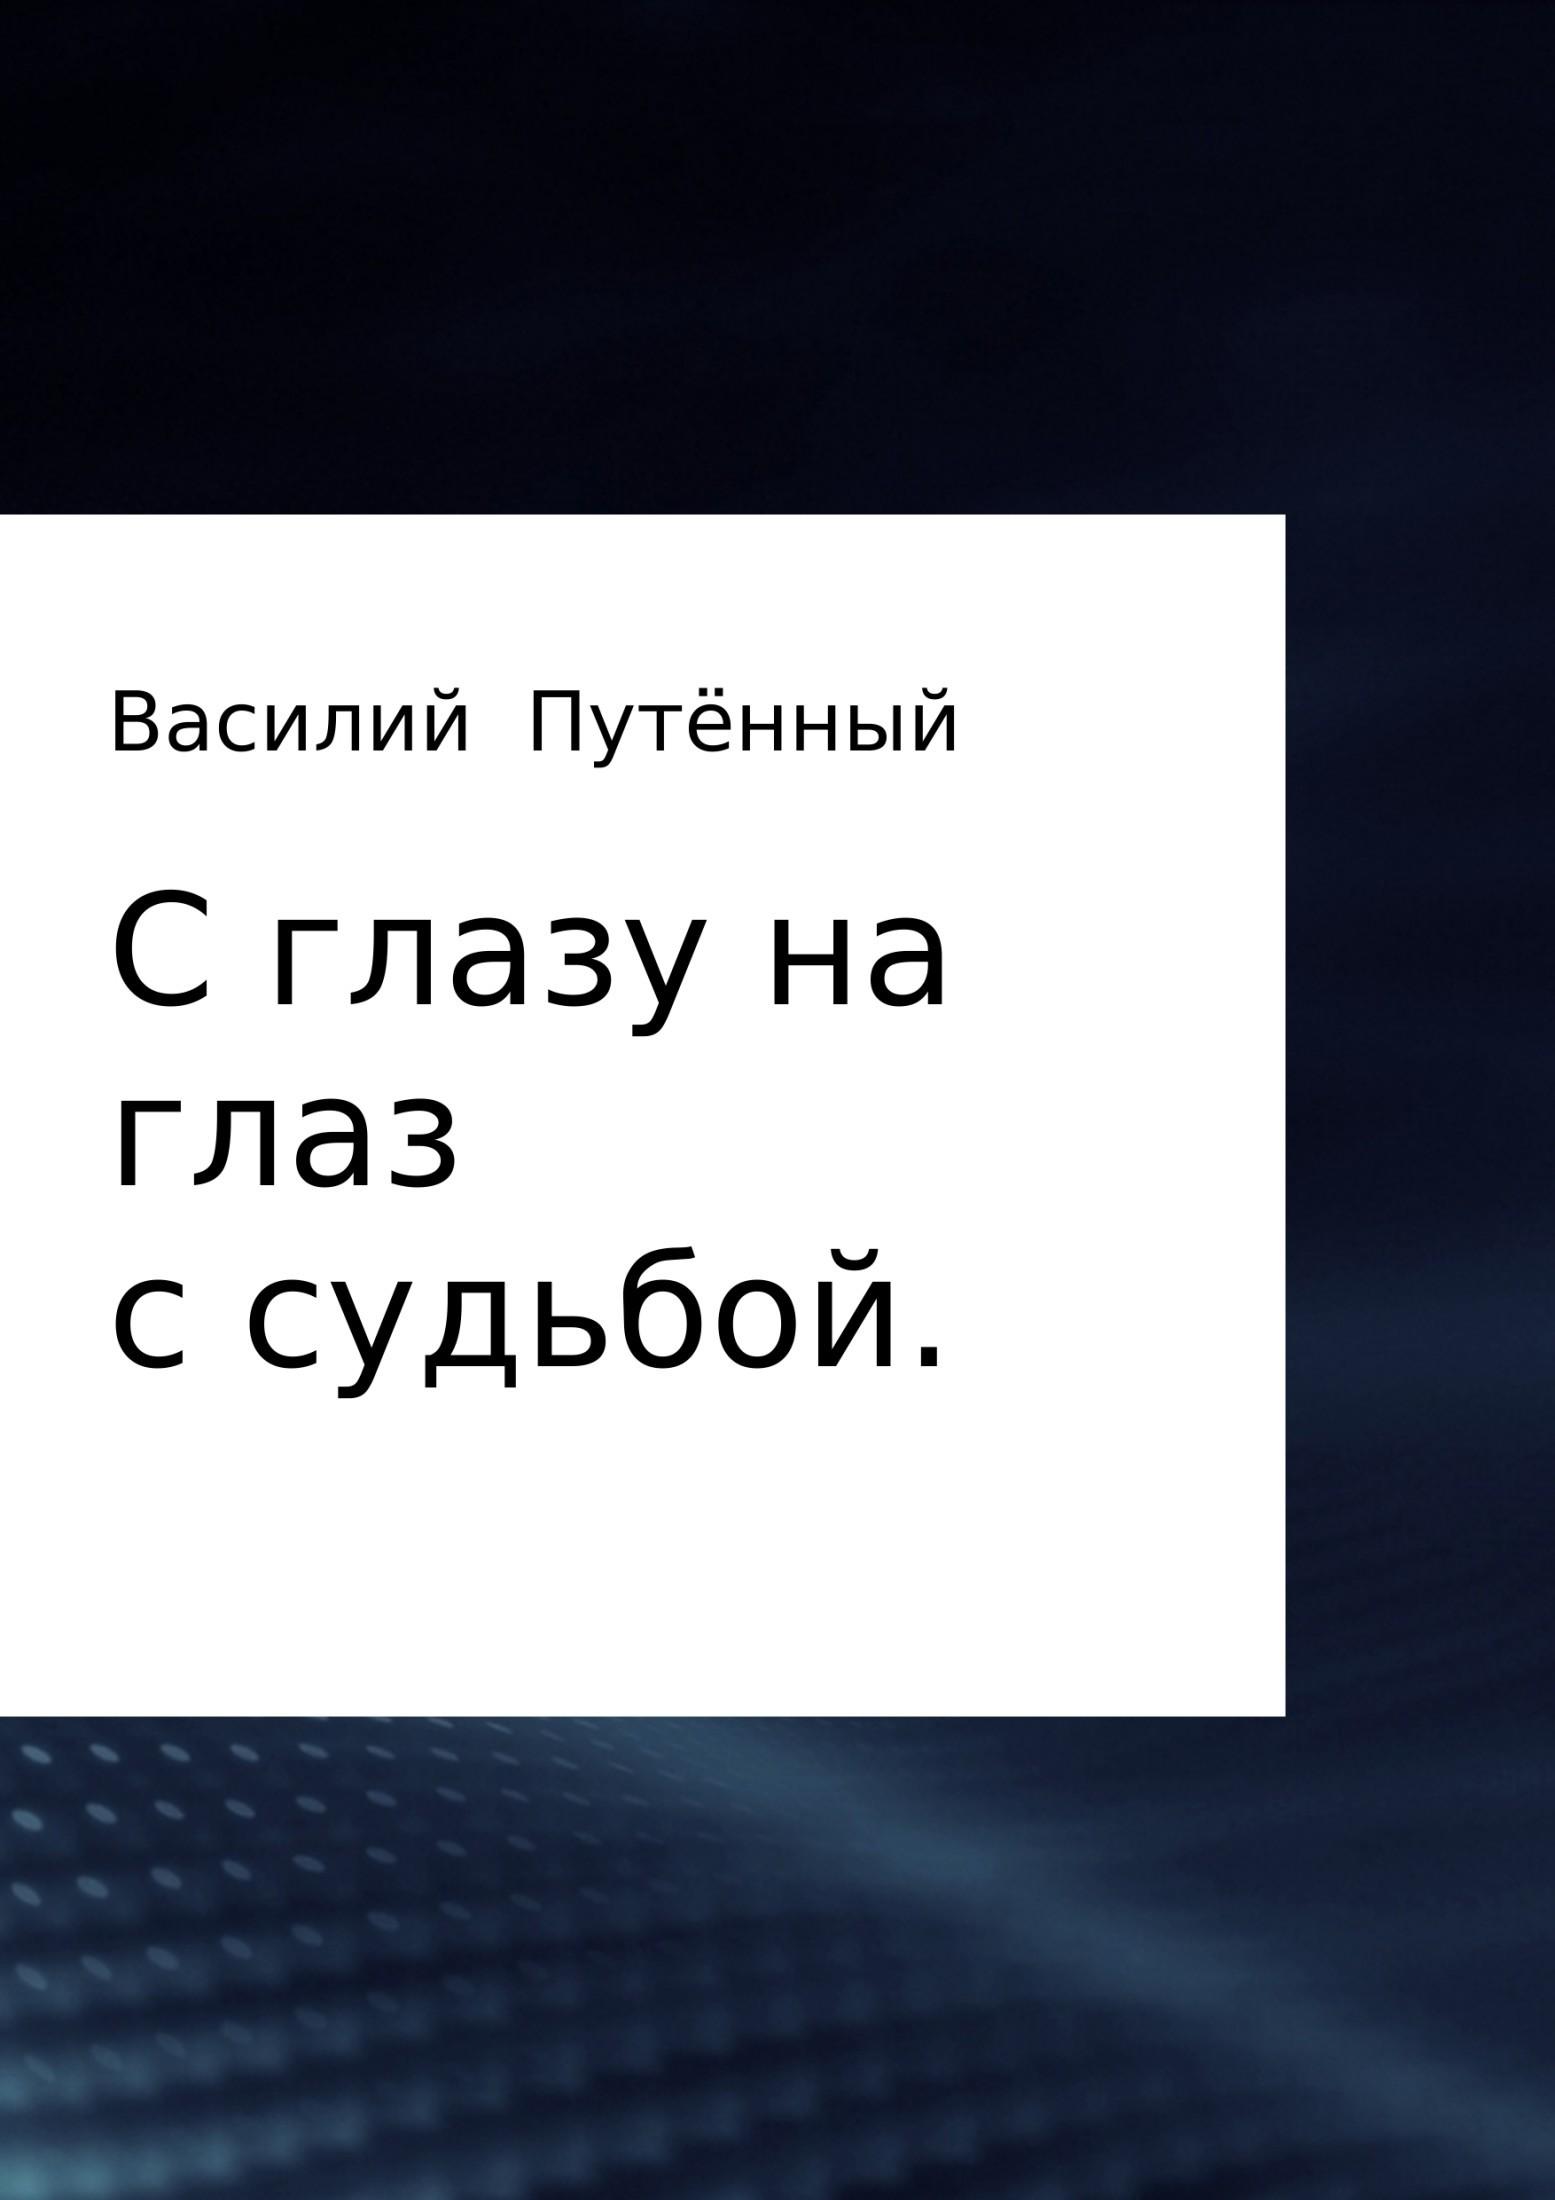 Василий Васильевич Путённый. С глазу на глаз с судьбой